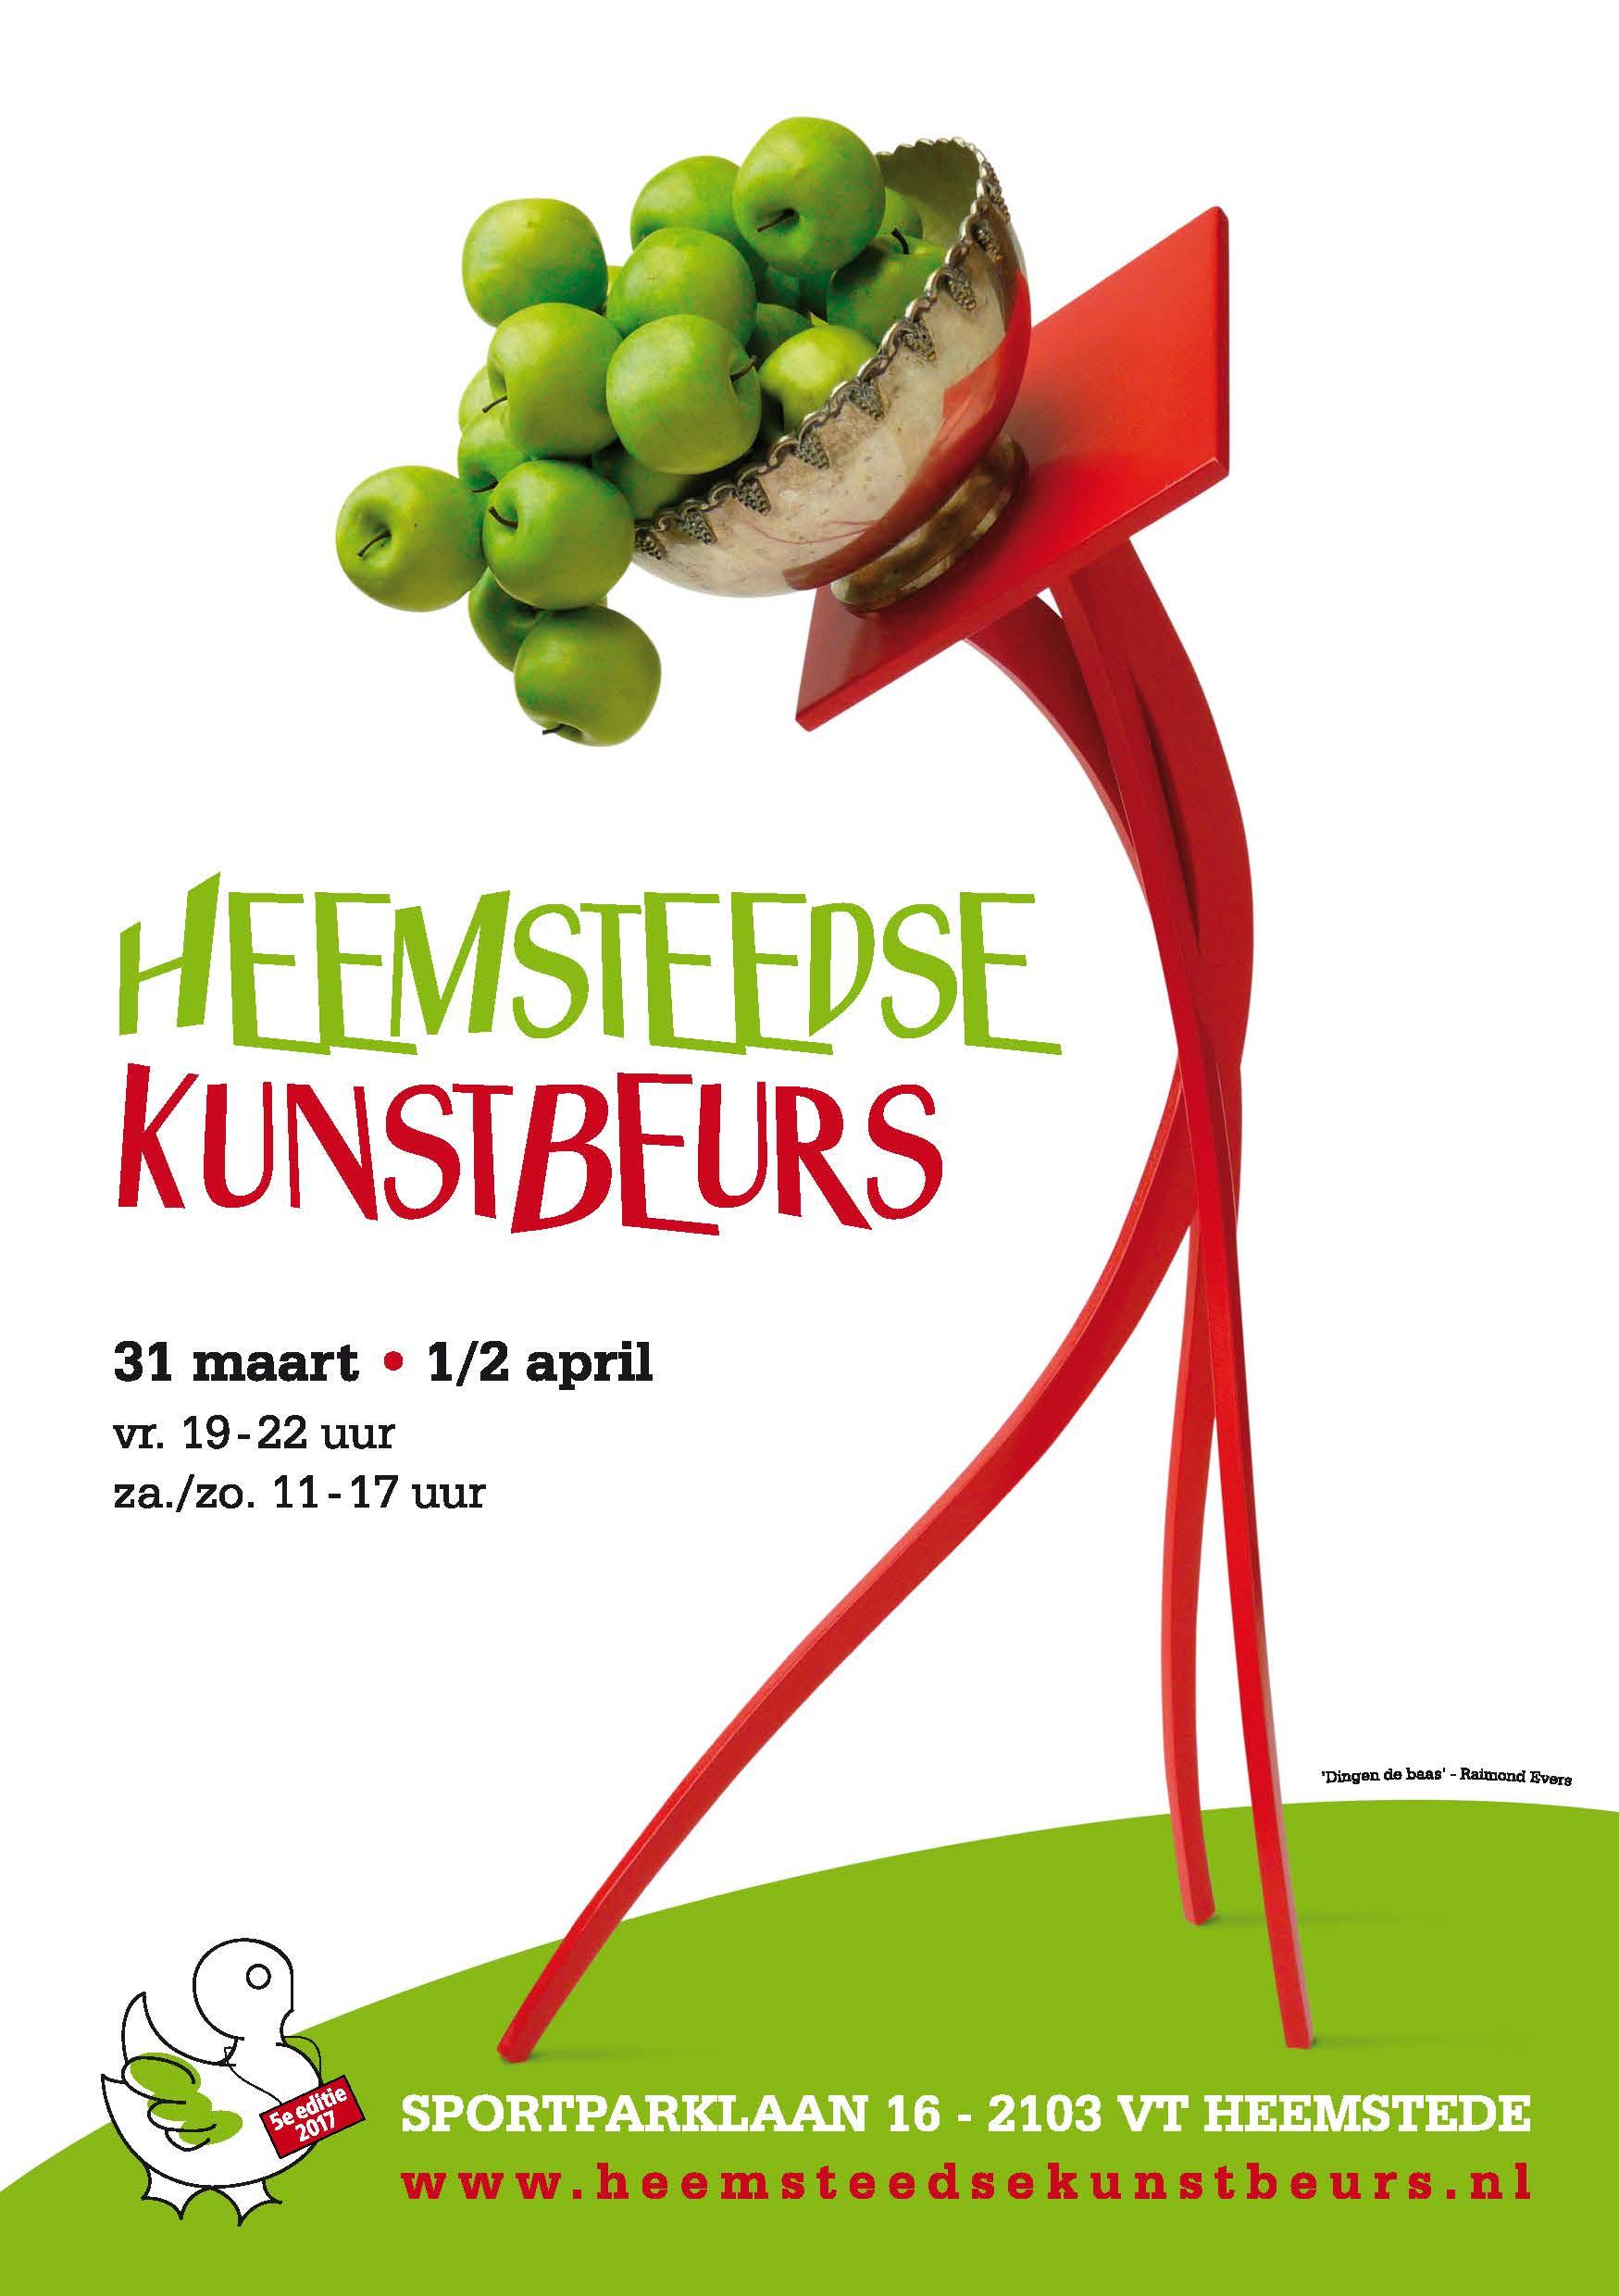 Heemsteedse Kunstbeurs_2017